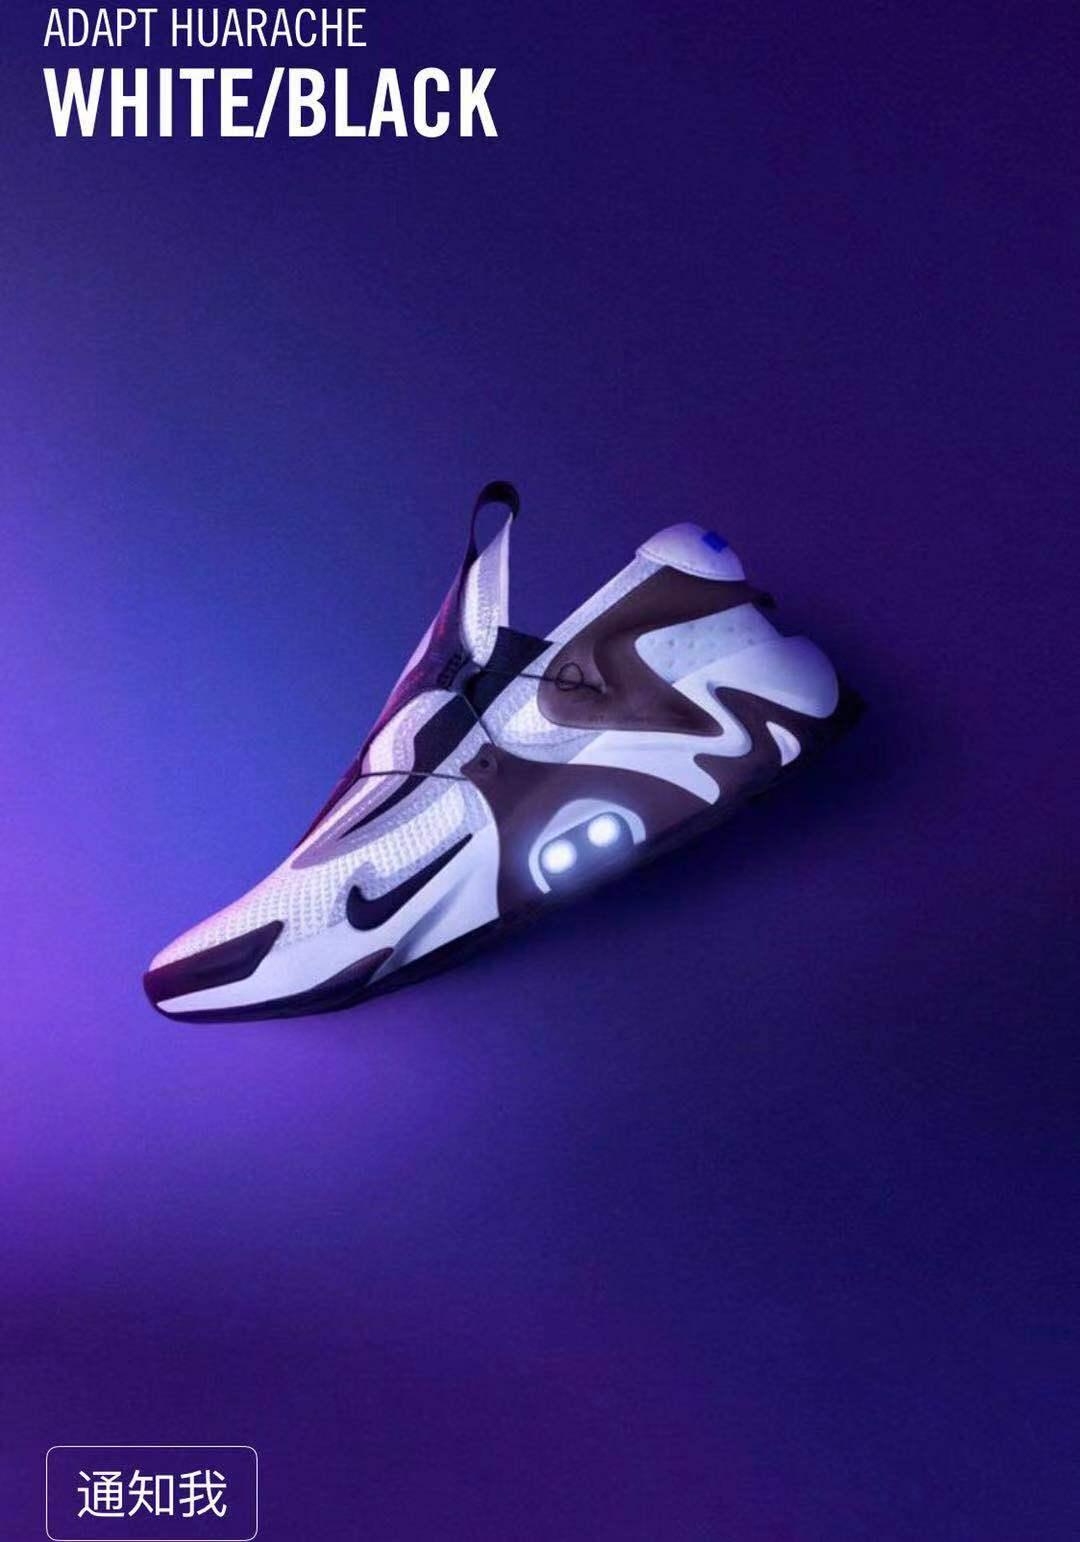 官方预告已上线!这双 Nike(耐克) Adapt Huarache 你还等什么?